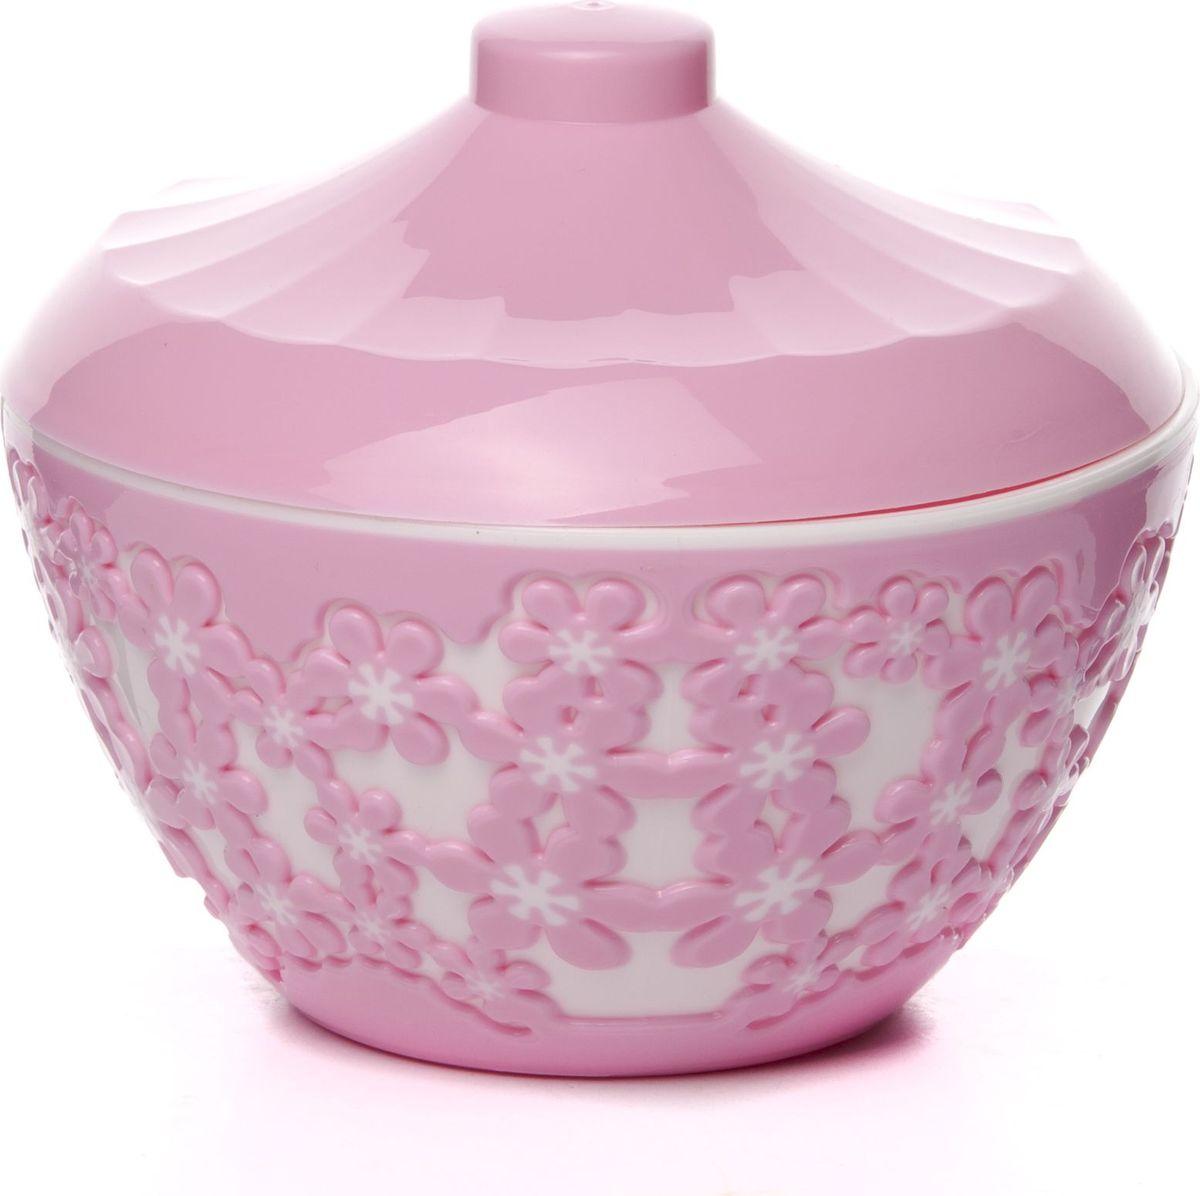 Сахарница с крышкой Альтернатива Дольче Вита, цвет: белый, розовый, 500 мл сахарница pasabahce perla 500 мл